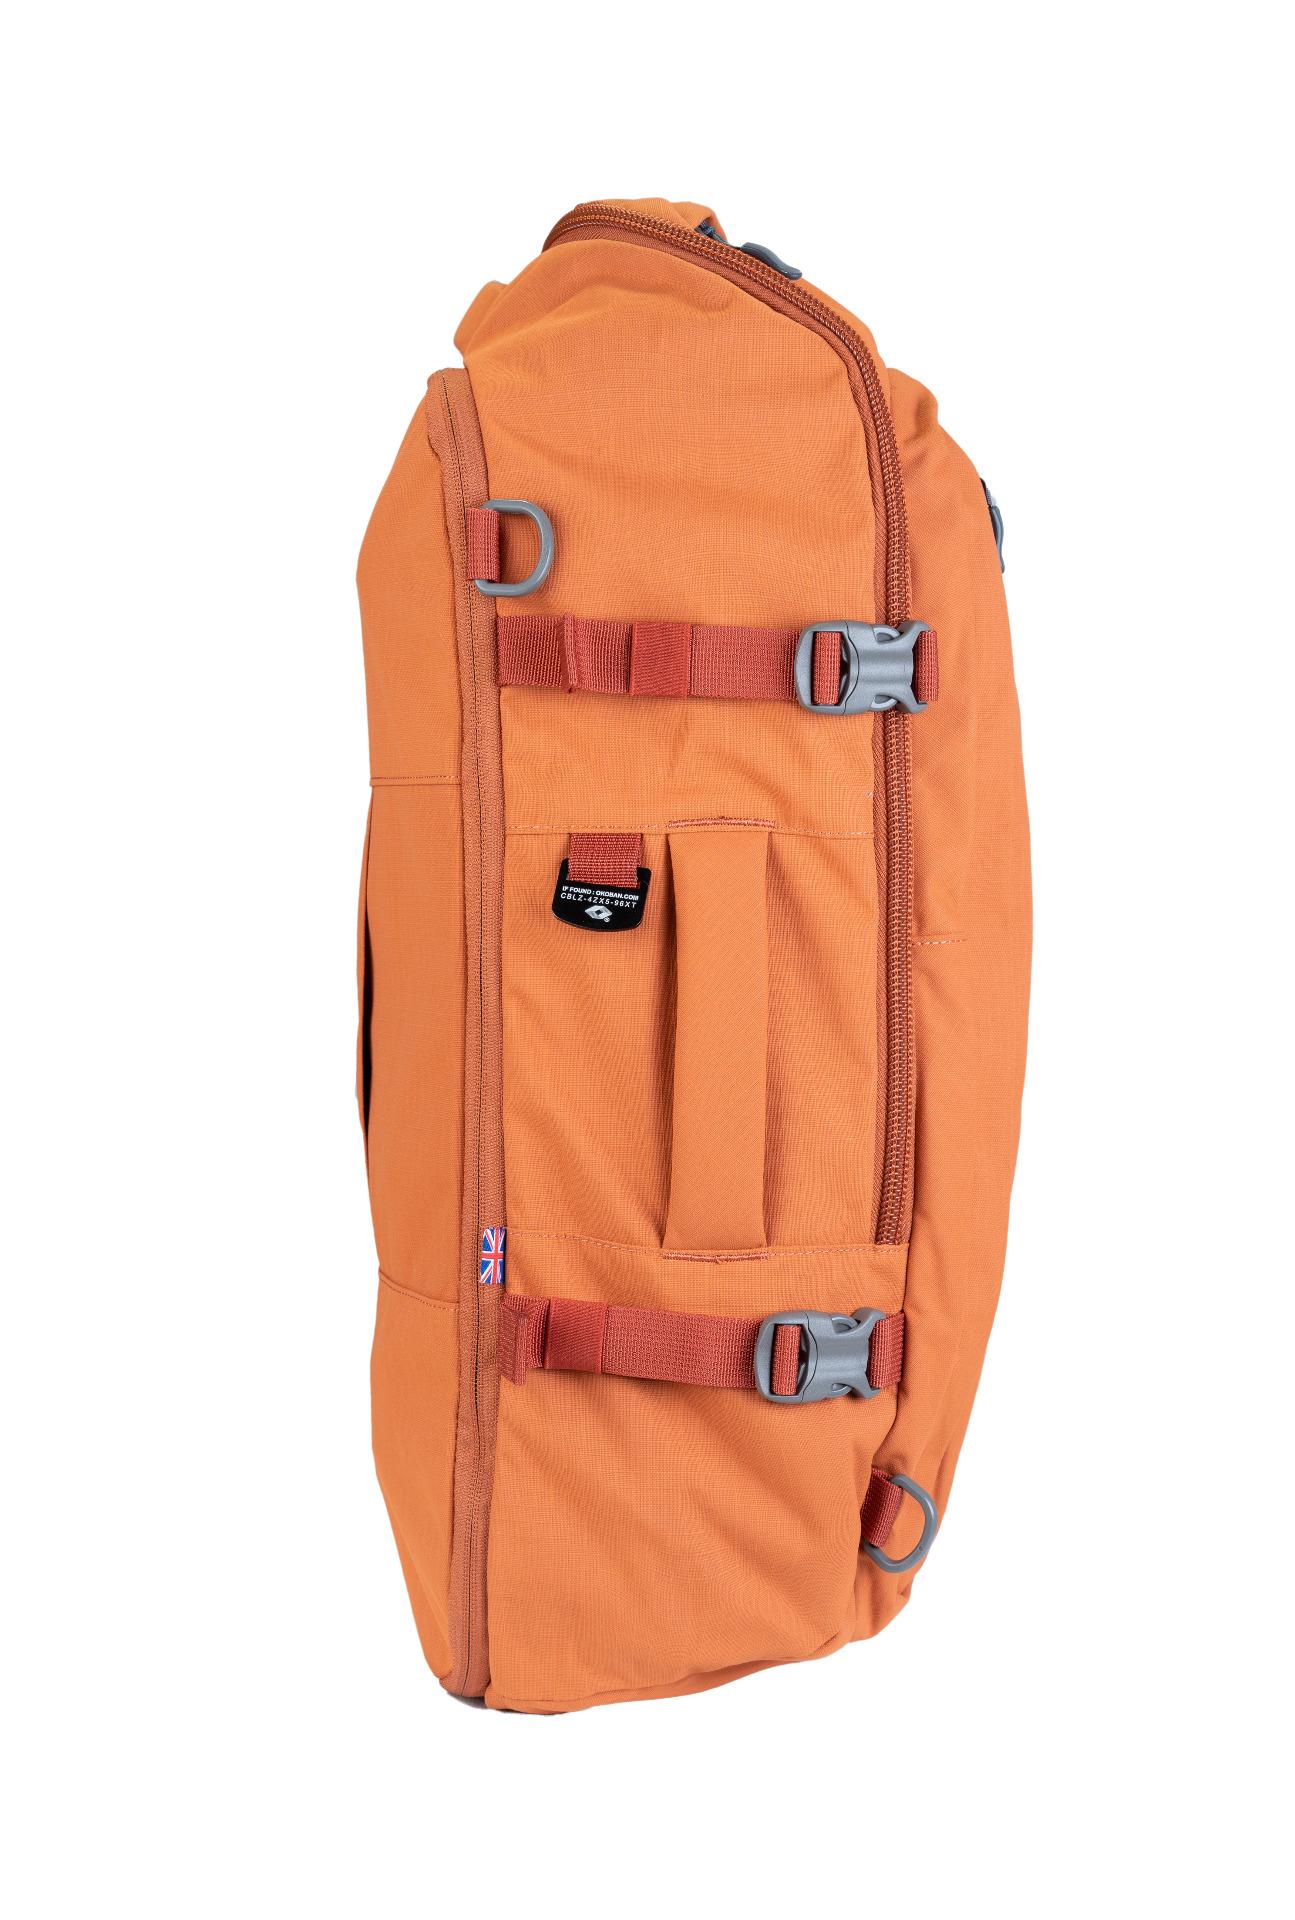 """CabinZero Adventure 32L Sahara Sand.  spĺňa rozmery palubnej batožiny ultraľahký možnosť plnenia zhora i spredu vďaka širokému otváraniu nastaviteľné čalúnené ramenné popruhy čalúnený chrbtový panel balančné popruhy pre pritiahnutie nákladu bližšie k chrbtu vrecko na 15,5"""" notebook špeciálne YKK zipsy uzamykateľné zipsy horné a bočné madlá veľké predné vrecko na zips pre jednoduchú orientáciu a balenie vnútorné sieťované vrecká hrudný pás oddelené vrecko na fľašu bočné kompresné popruhy vodný stĺpec 1500 mm disponuje očkami pre pripnutie crossbody popruhu systém Global Luggage Tracker pre uľahčenie vrátenia batožiny  Čo je Global Luggage Tracker od spoločnosti Okoban? Ide o bezpečnostný prvok s unikátnym kódom, vďaka ktorému sa môže späť do rúk svojho majiteľa dostať stratená a znovu nájdená batožina."""